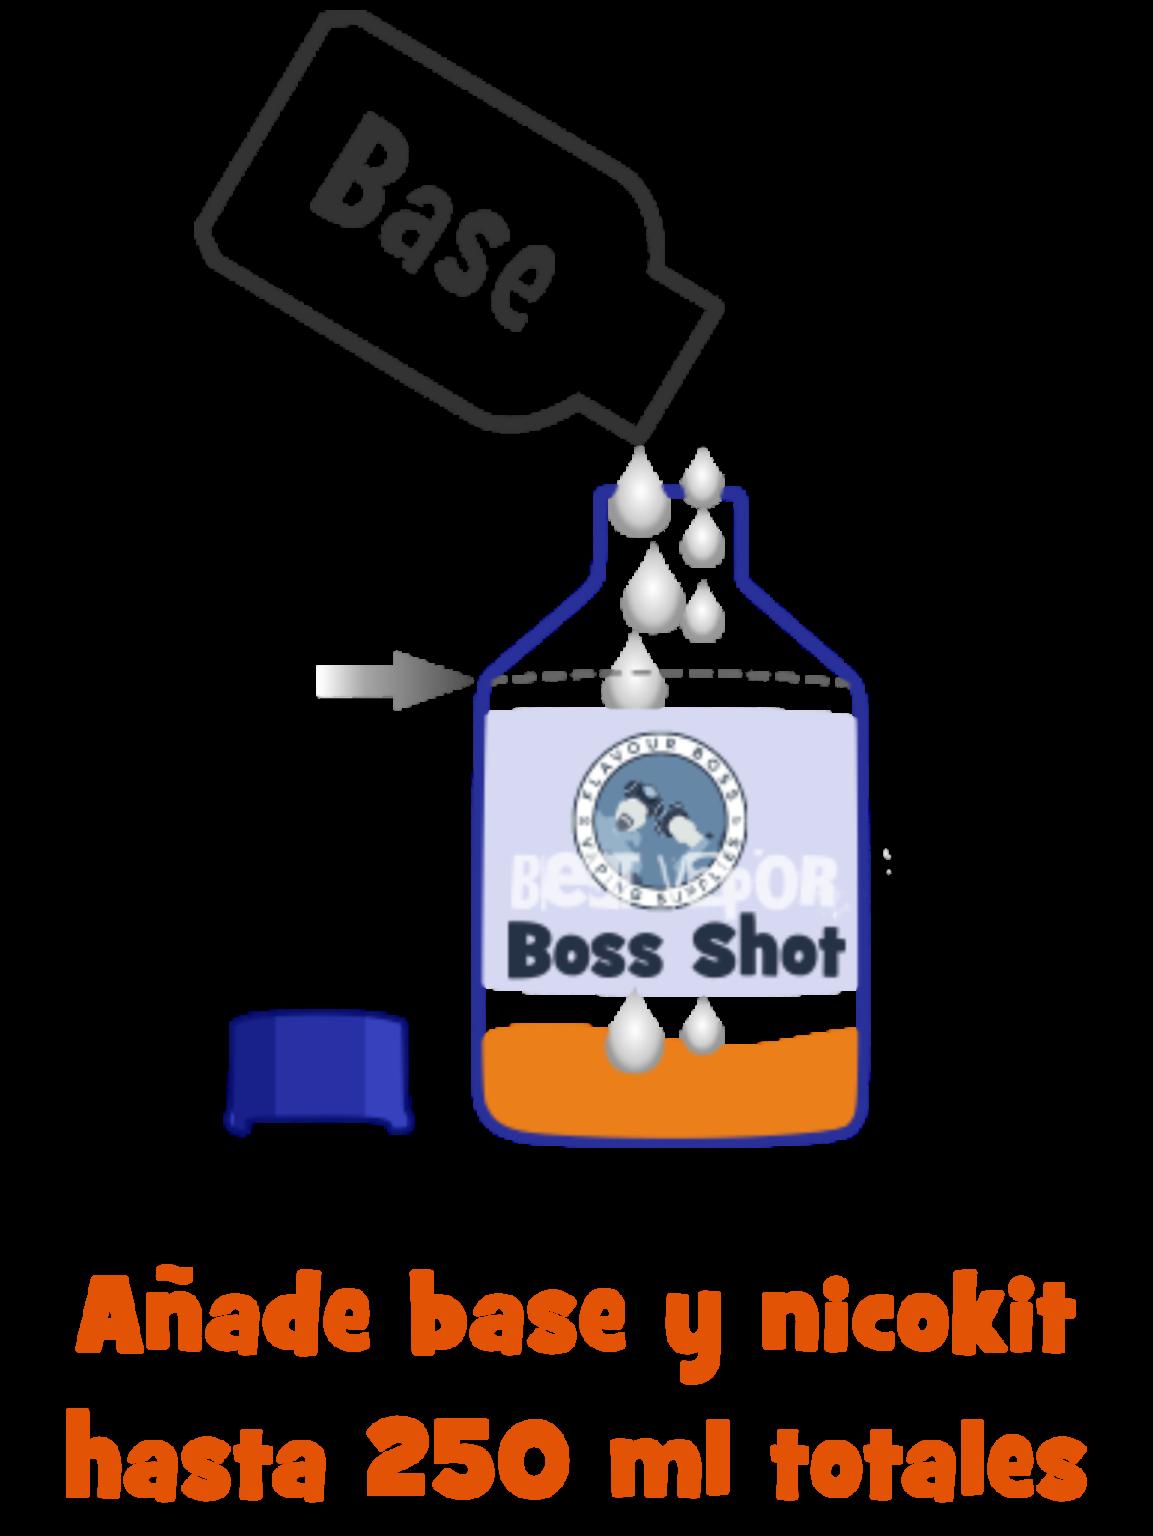 Rellena tu Boss Shot de Best Vapor